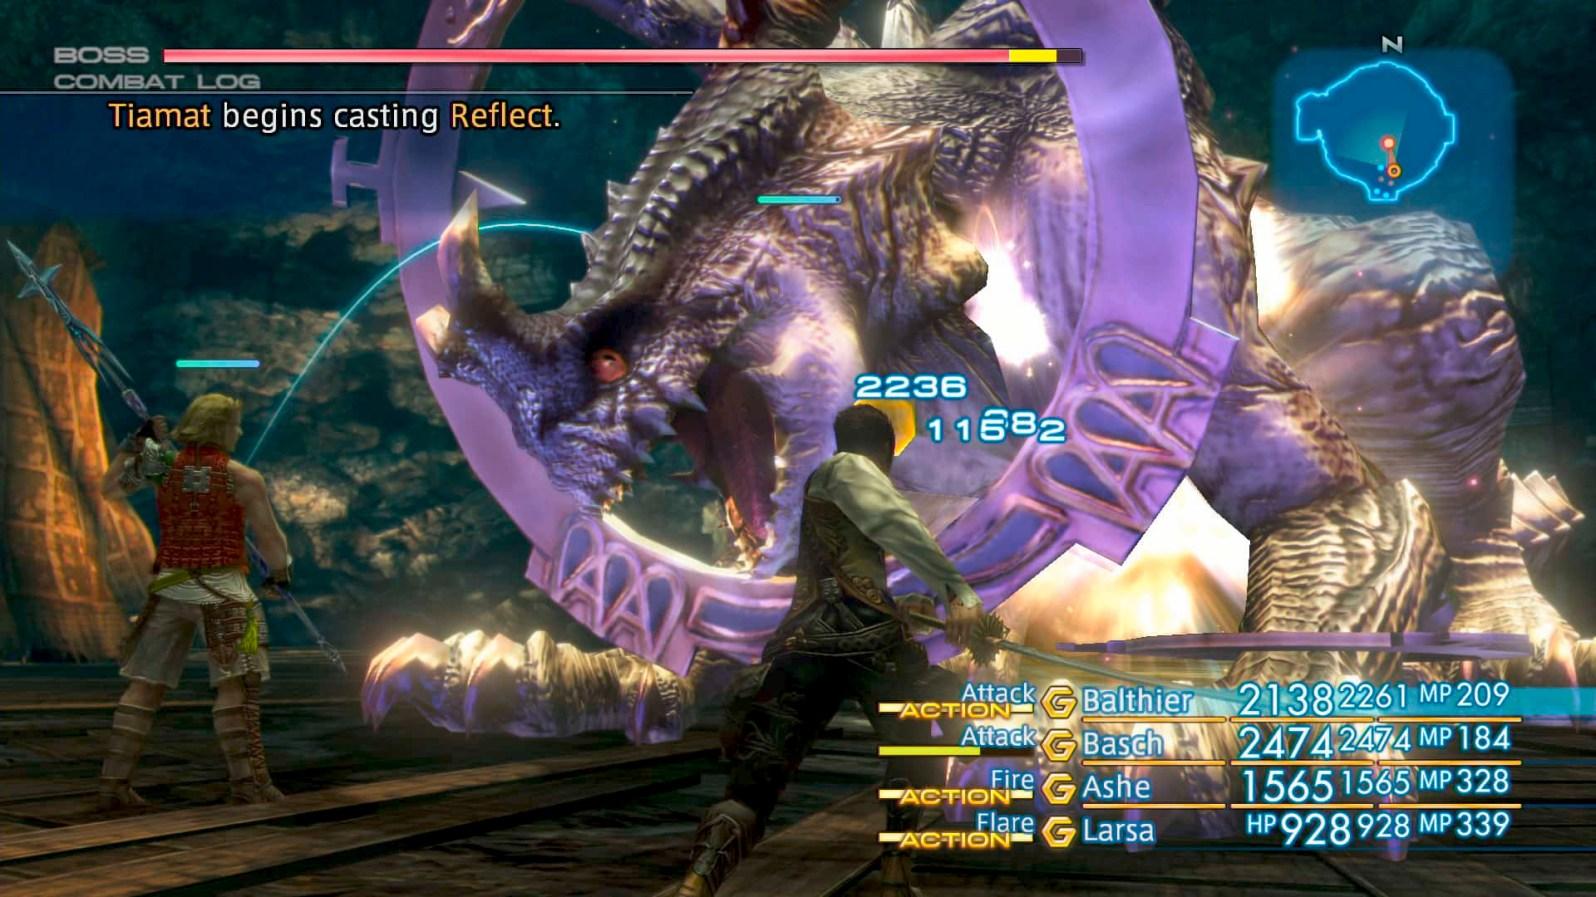 Quelle: Square Enix - Final Fantasy XII: The Zodiac Age